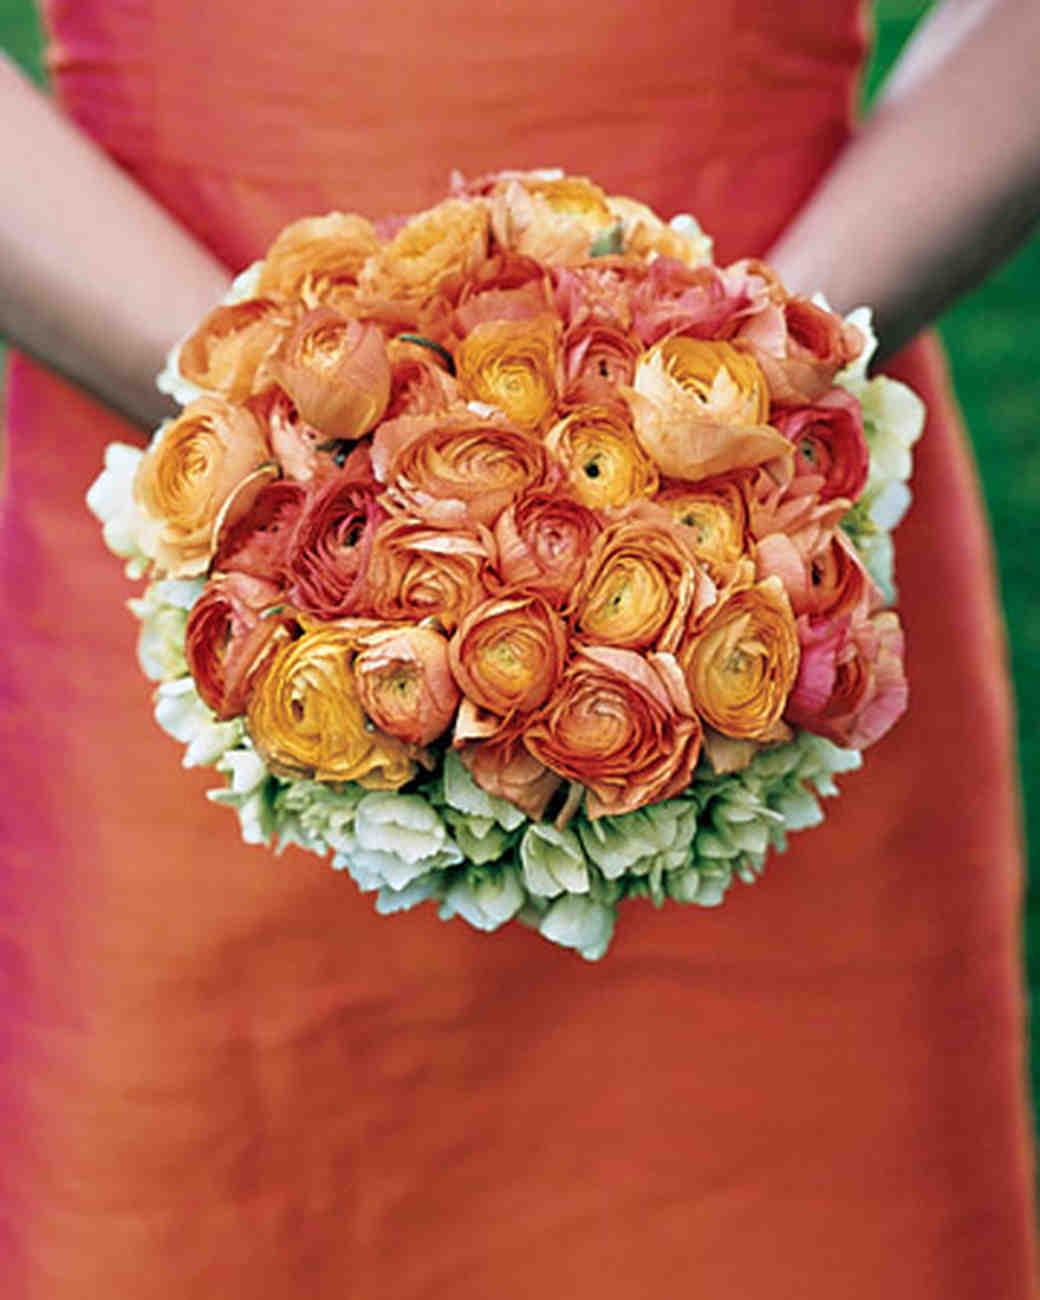 mw0404_spr04_citrus_bouquet.jpg